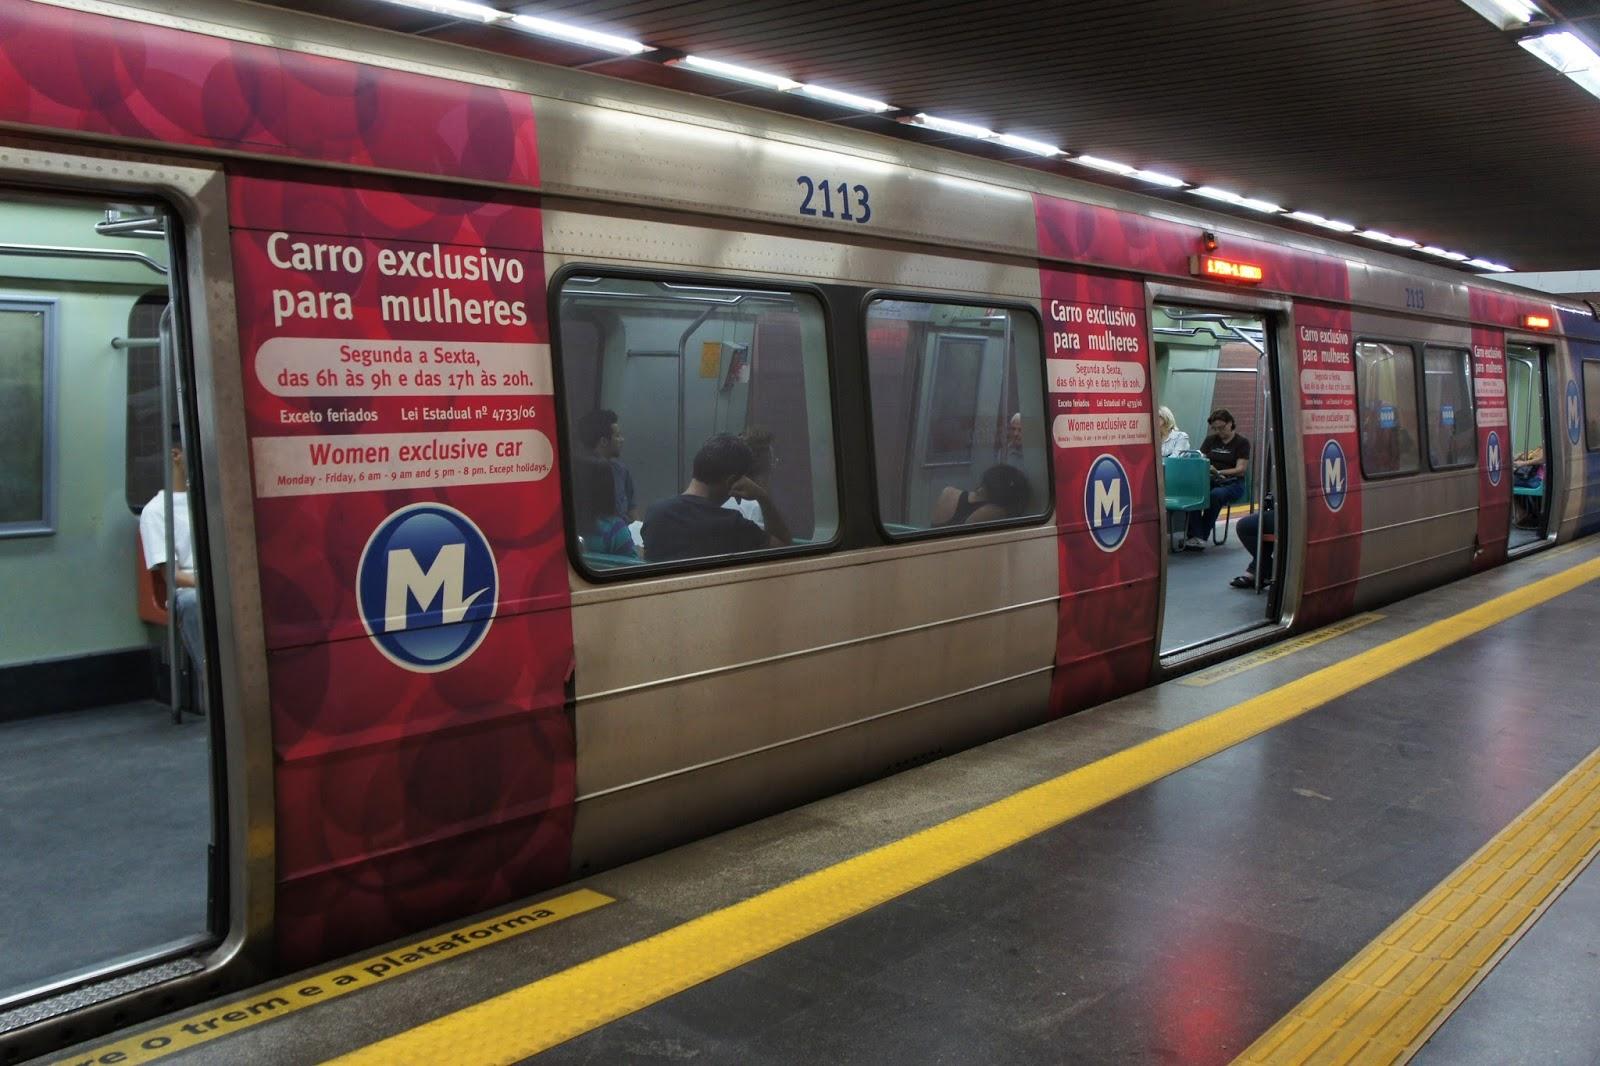 Pezão libera vagões femininos do metrô e da SuperVia para mulheres travestis e transexuais